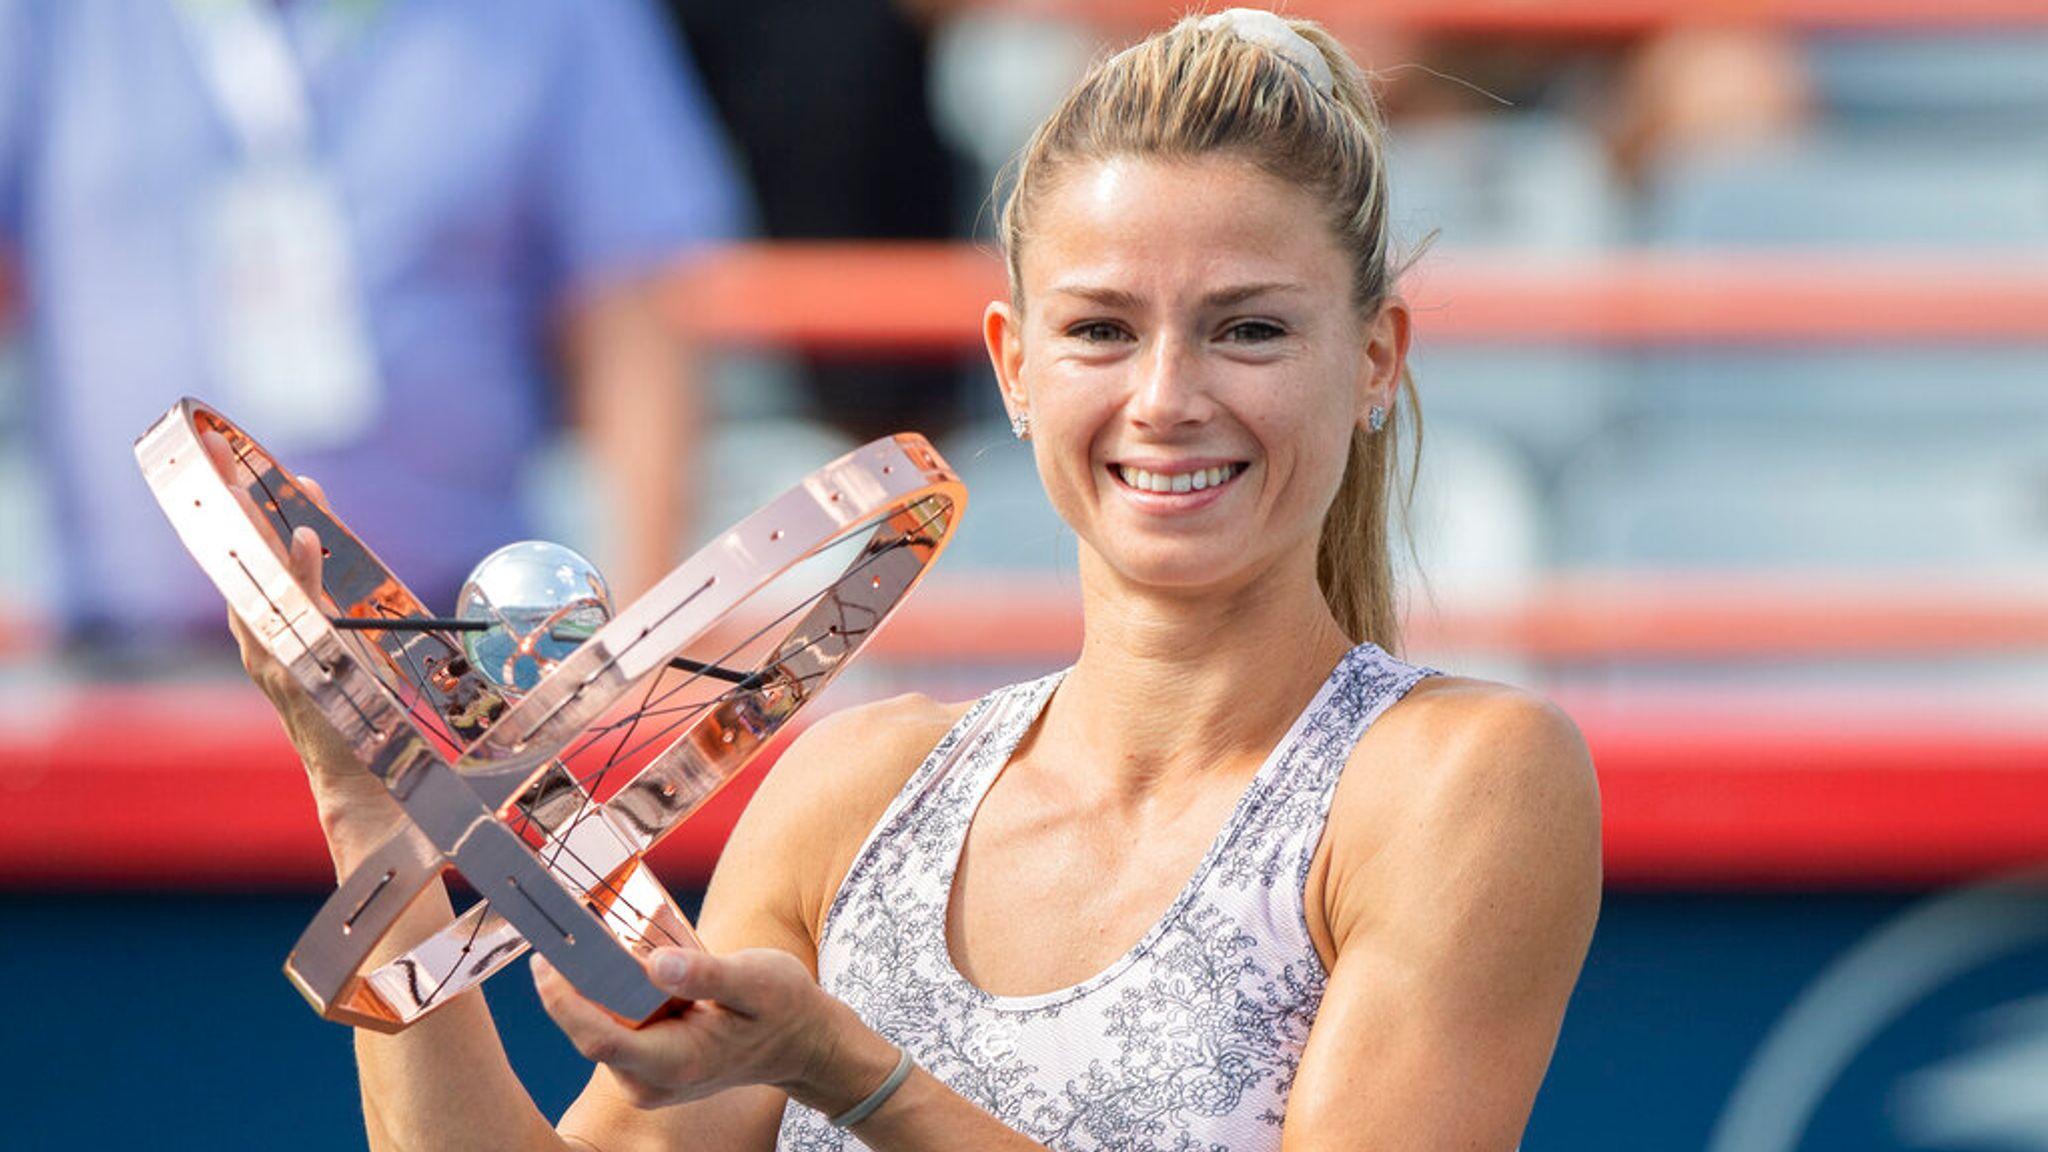 skysports camila giorgi tennis 5480490 - Partnerka Klepačeve do rekordne uvrstitve, zmagovalka Montreala napredovala za 37 mest